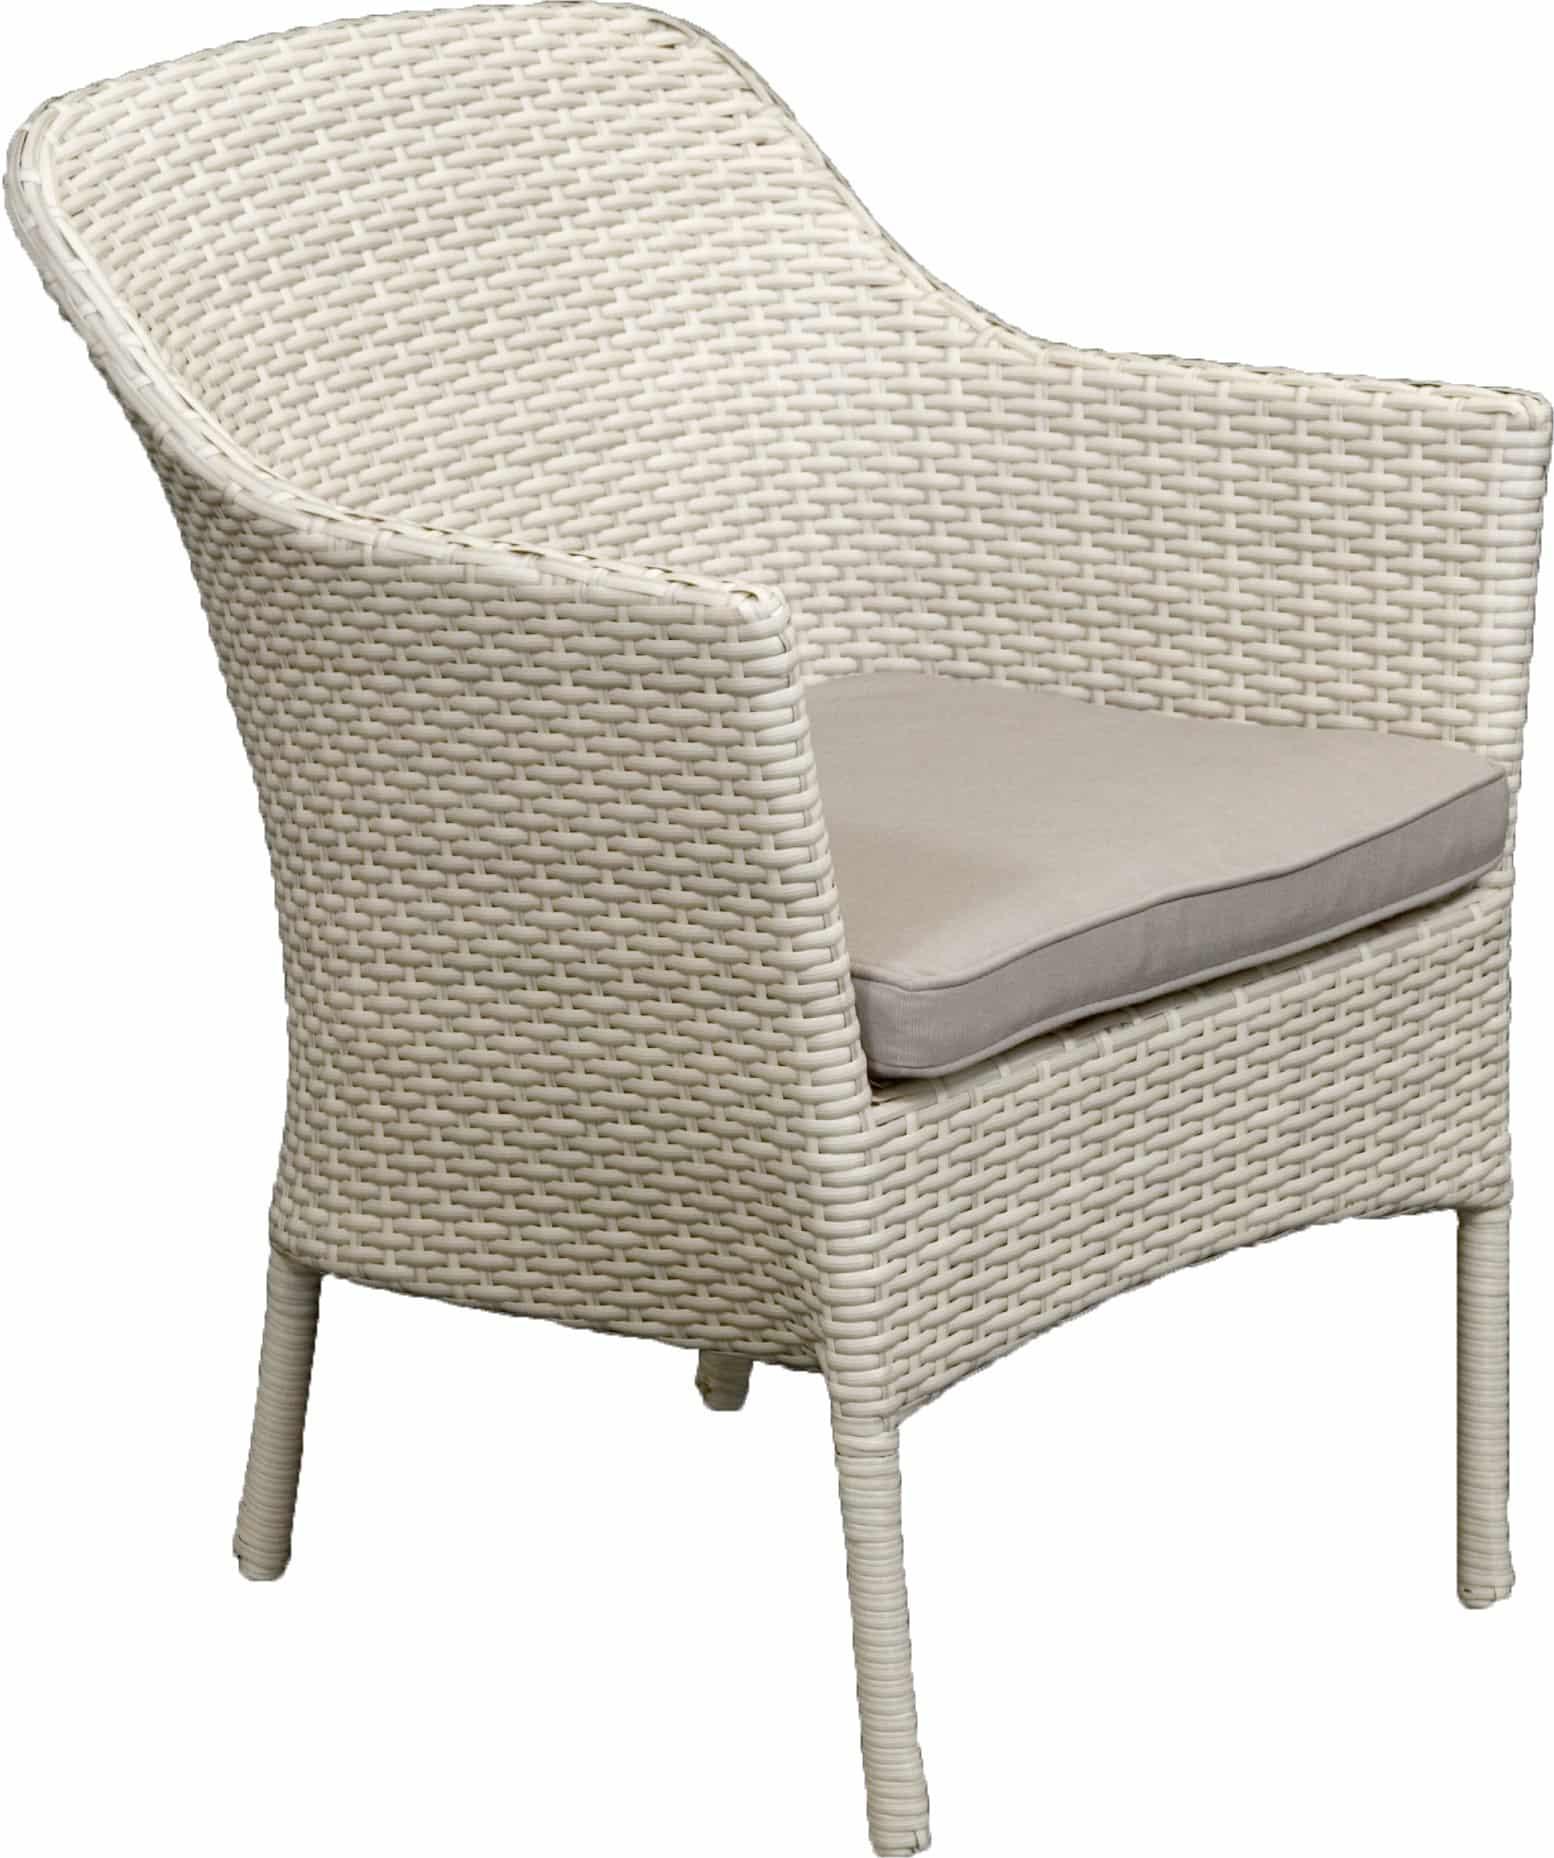 VILLA\' TUB CHAIR - Daydream Leisure Furniture